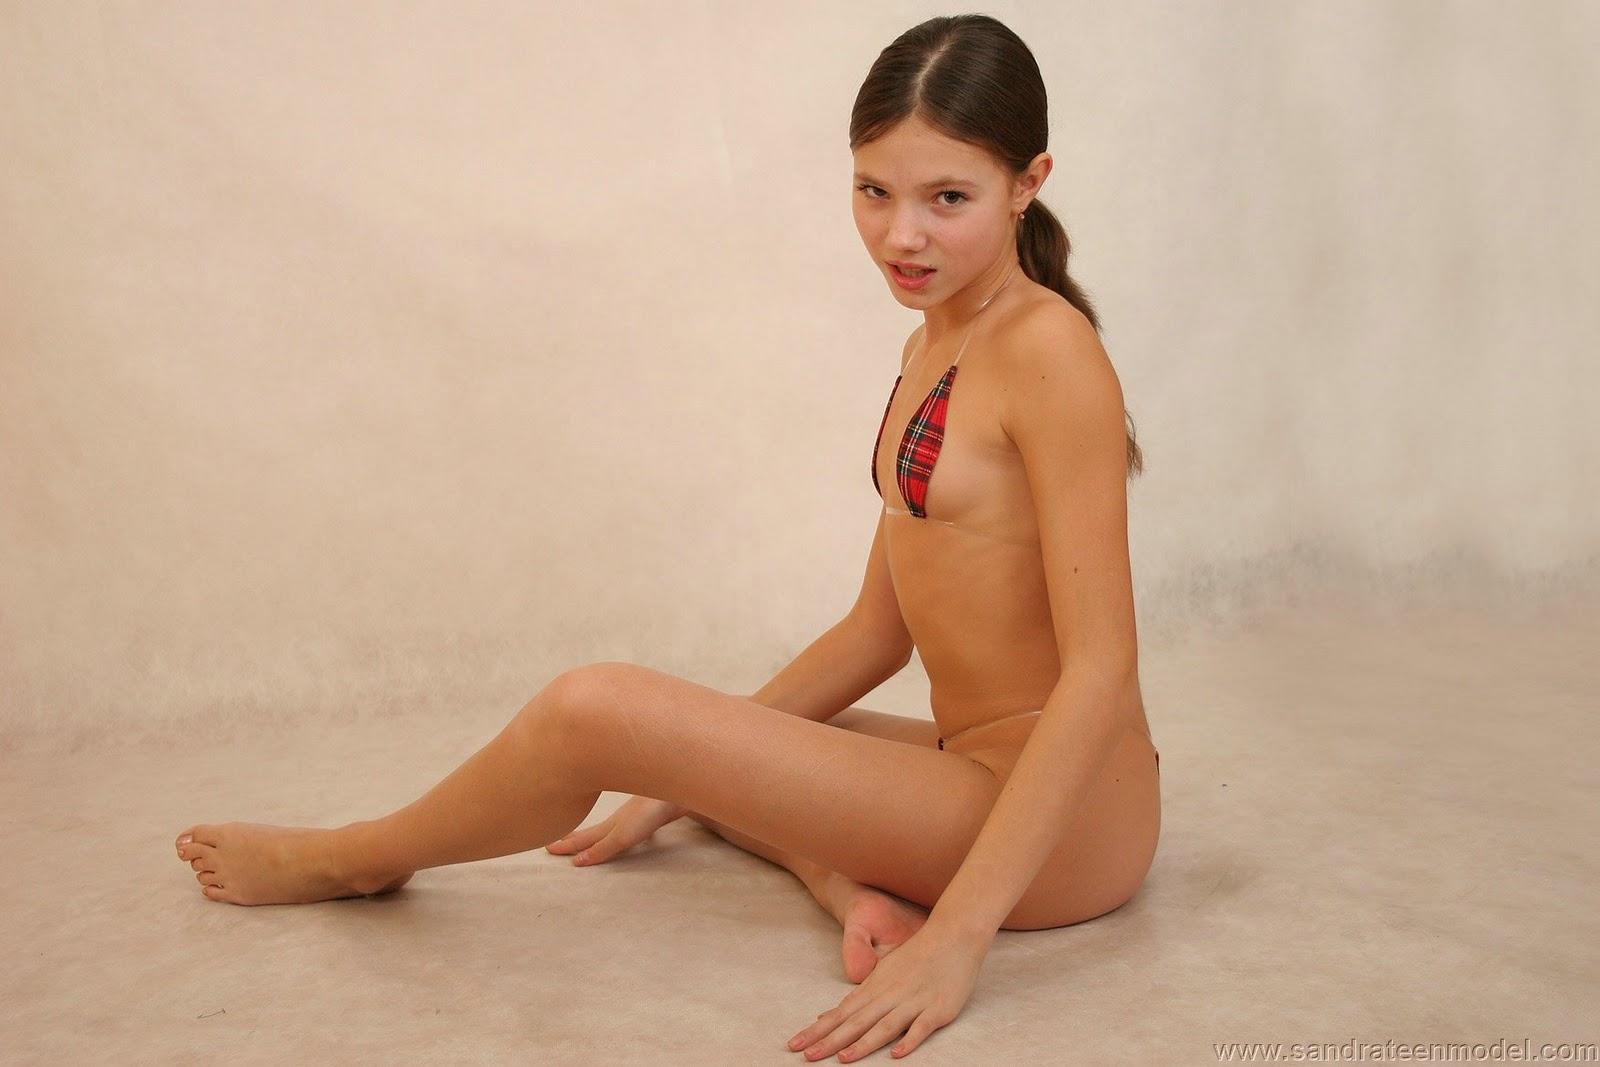 Sandra D Teen Sex Models - Sex Porn Images: nakedteenspix.com/sandra/sandra-d-teen-sex-models.html